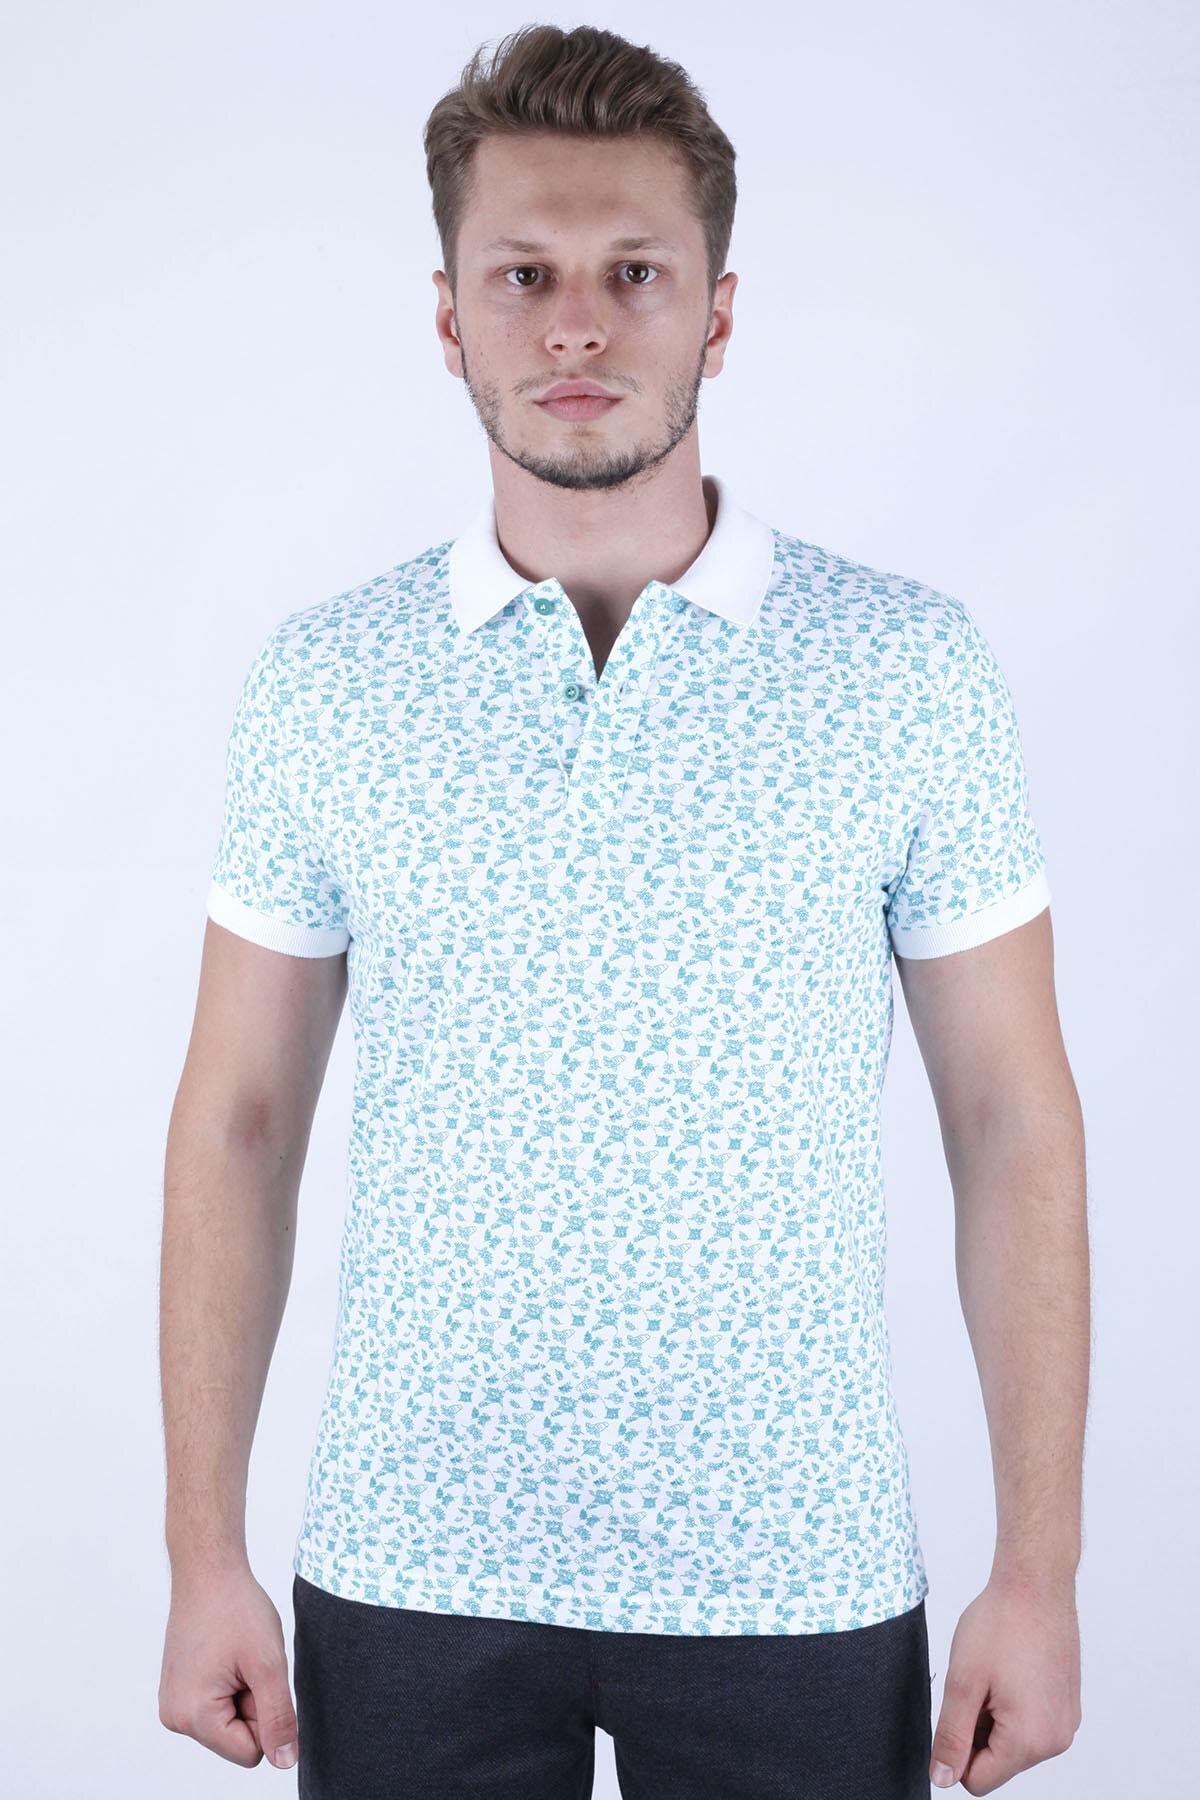 Canelia Baskılı Likralı Pike Yeşil Renk Slimfit T-shirt 1